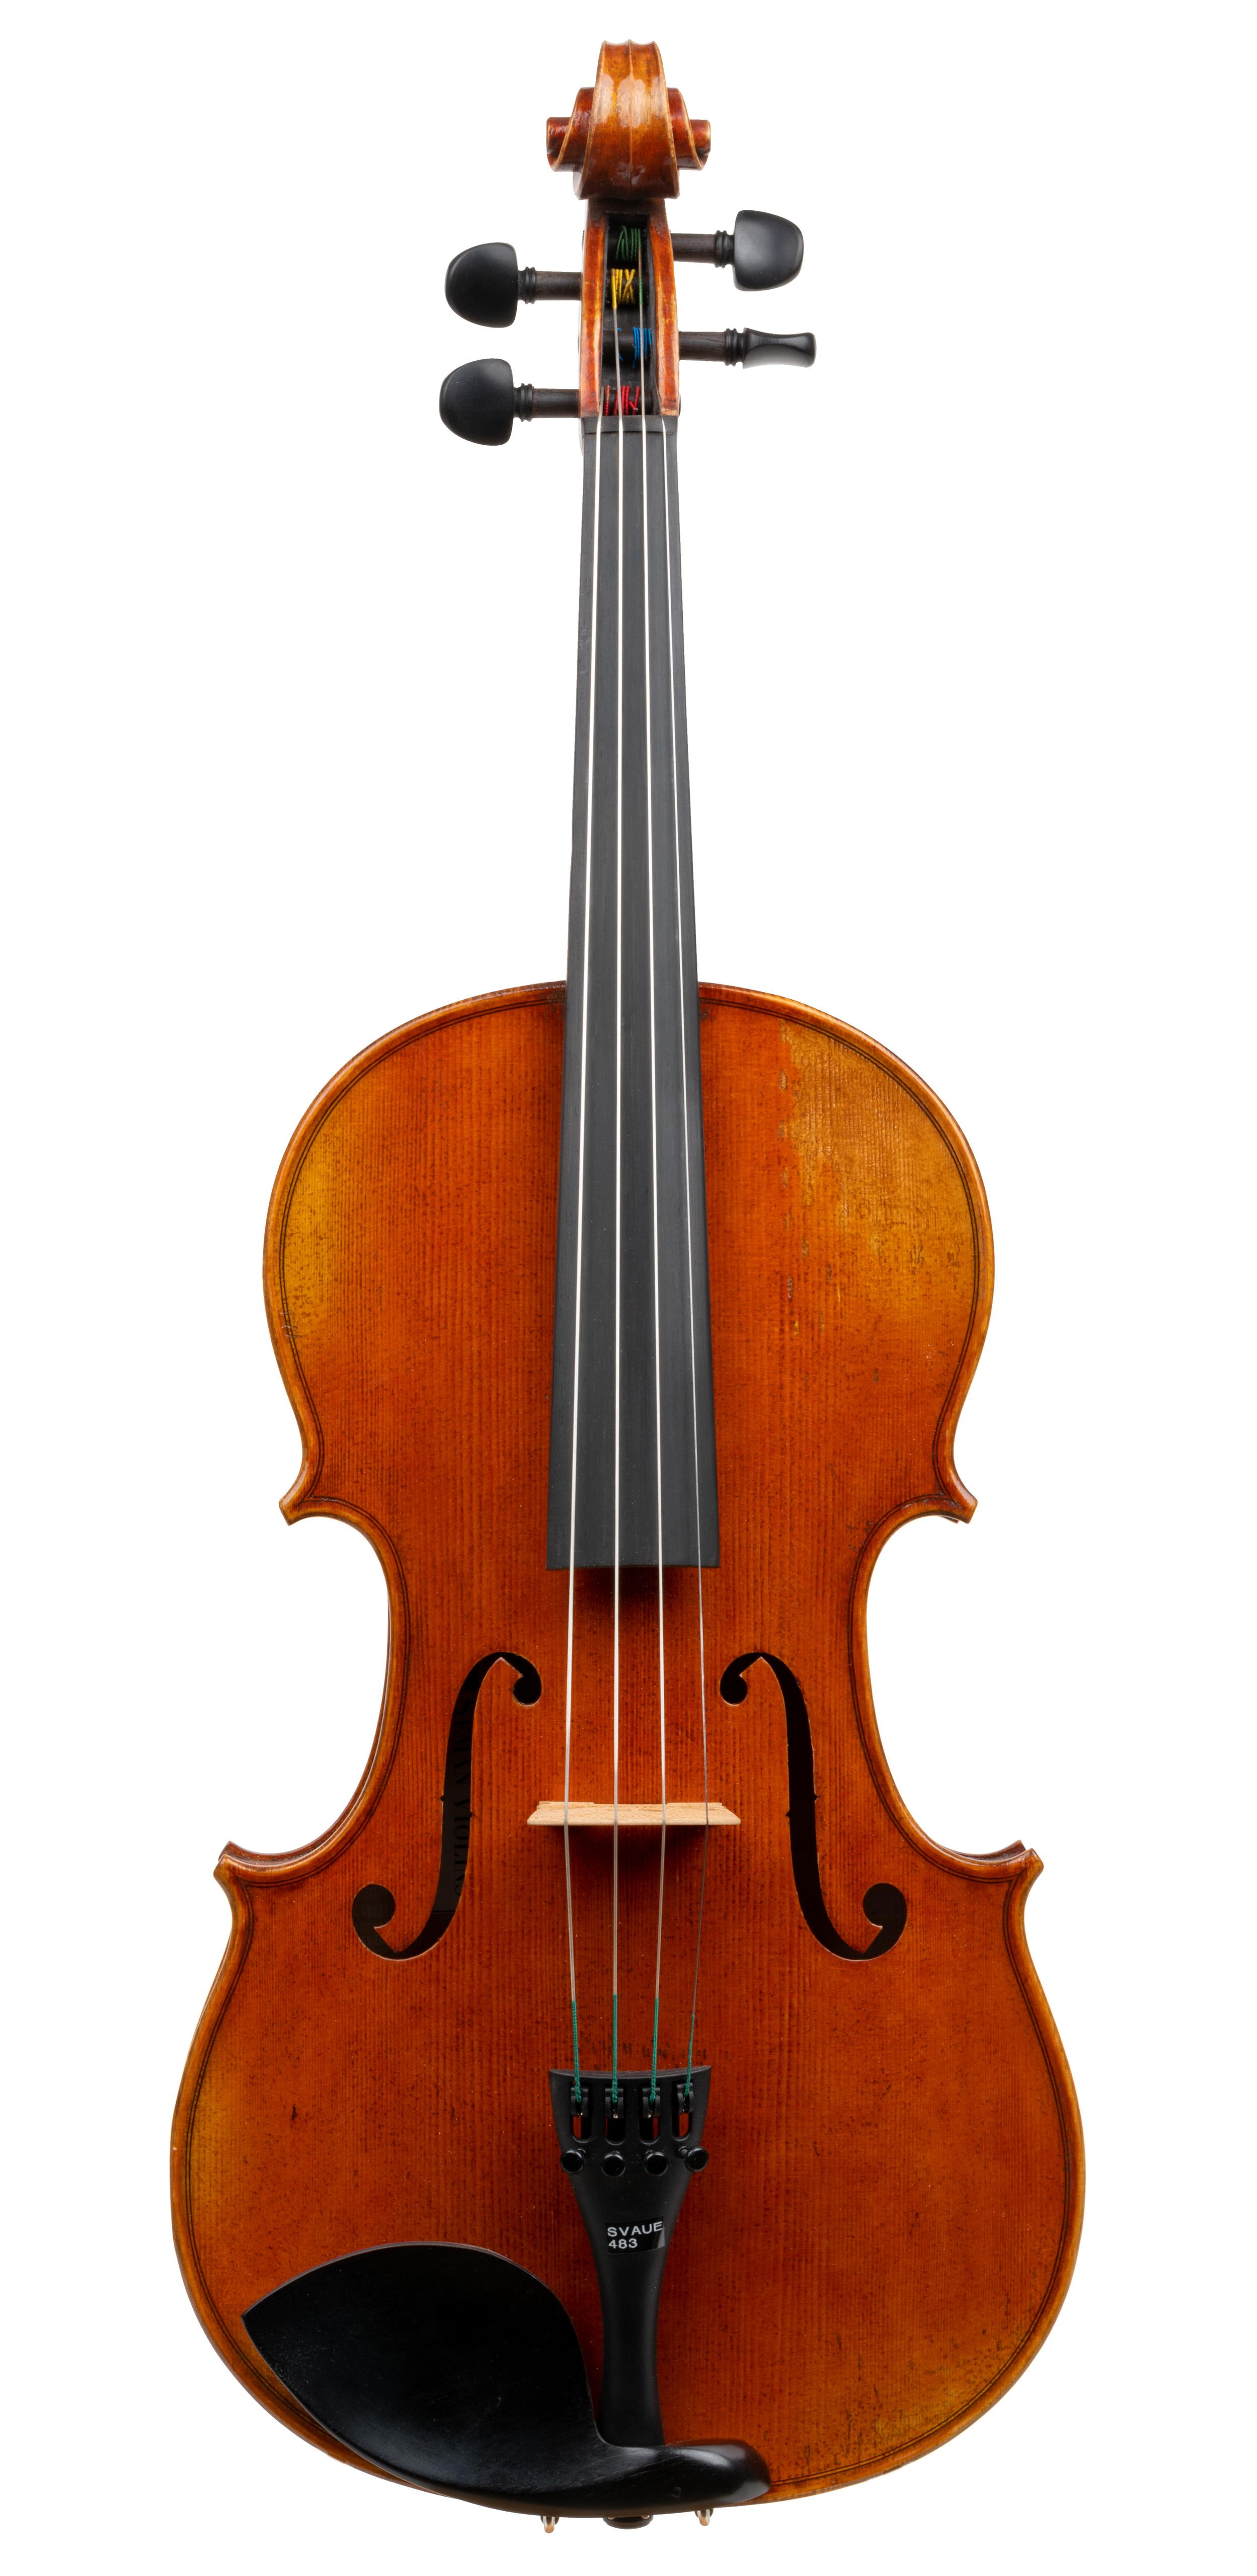 Seman Violins SVA250 -